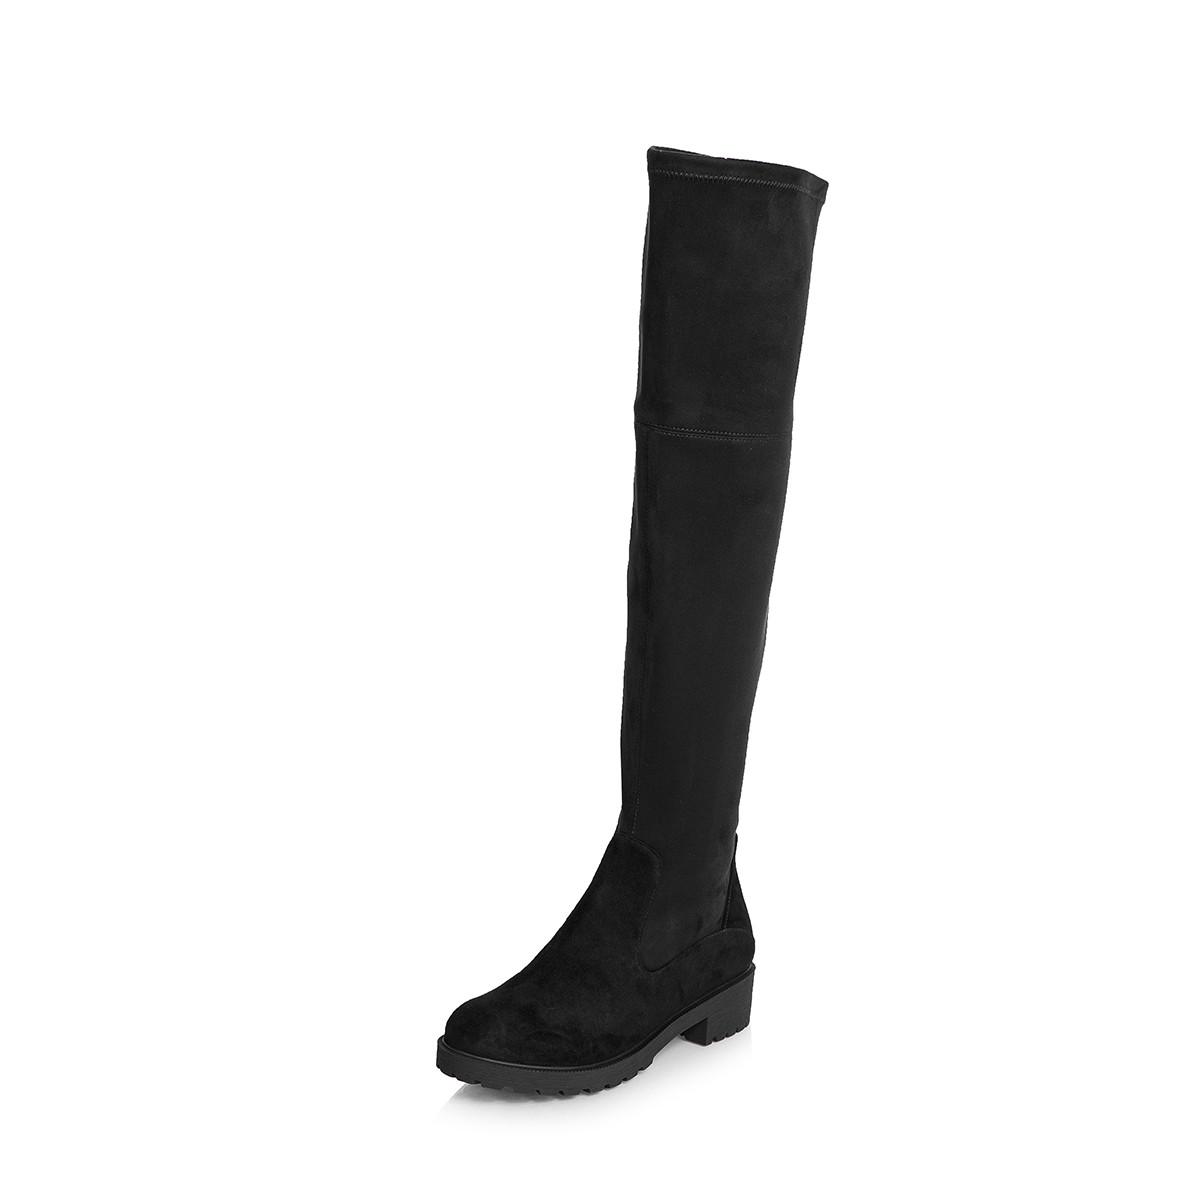 伊伴伊伴羊绒皮+弹力布靴筒过膝中跟长靴B7563168B01